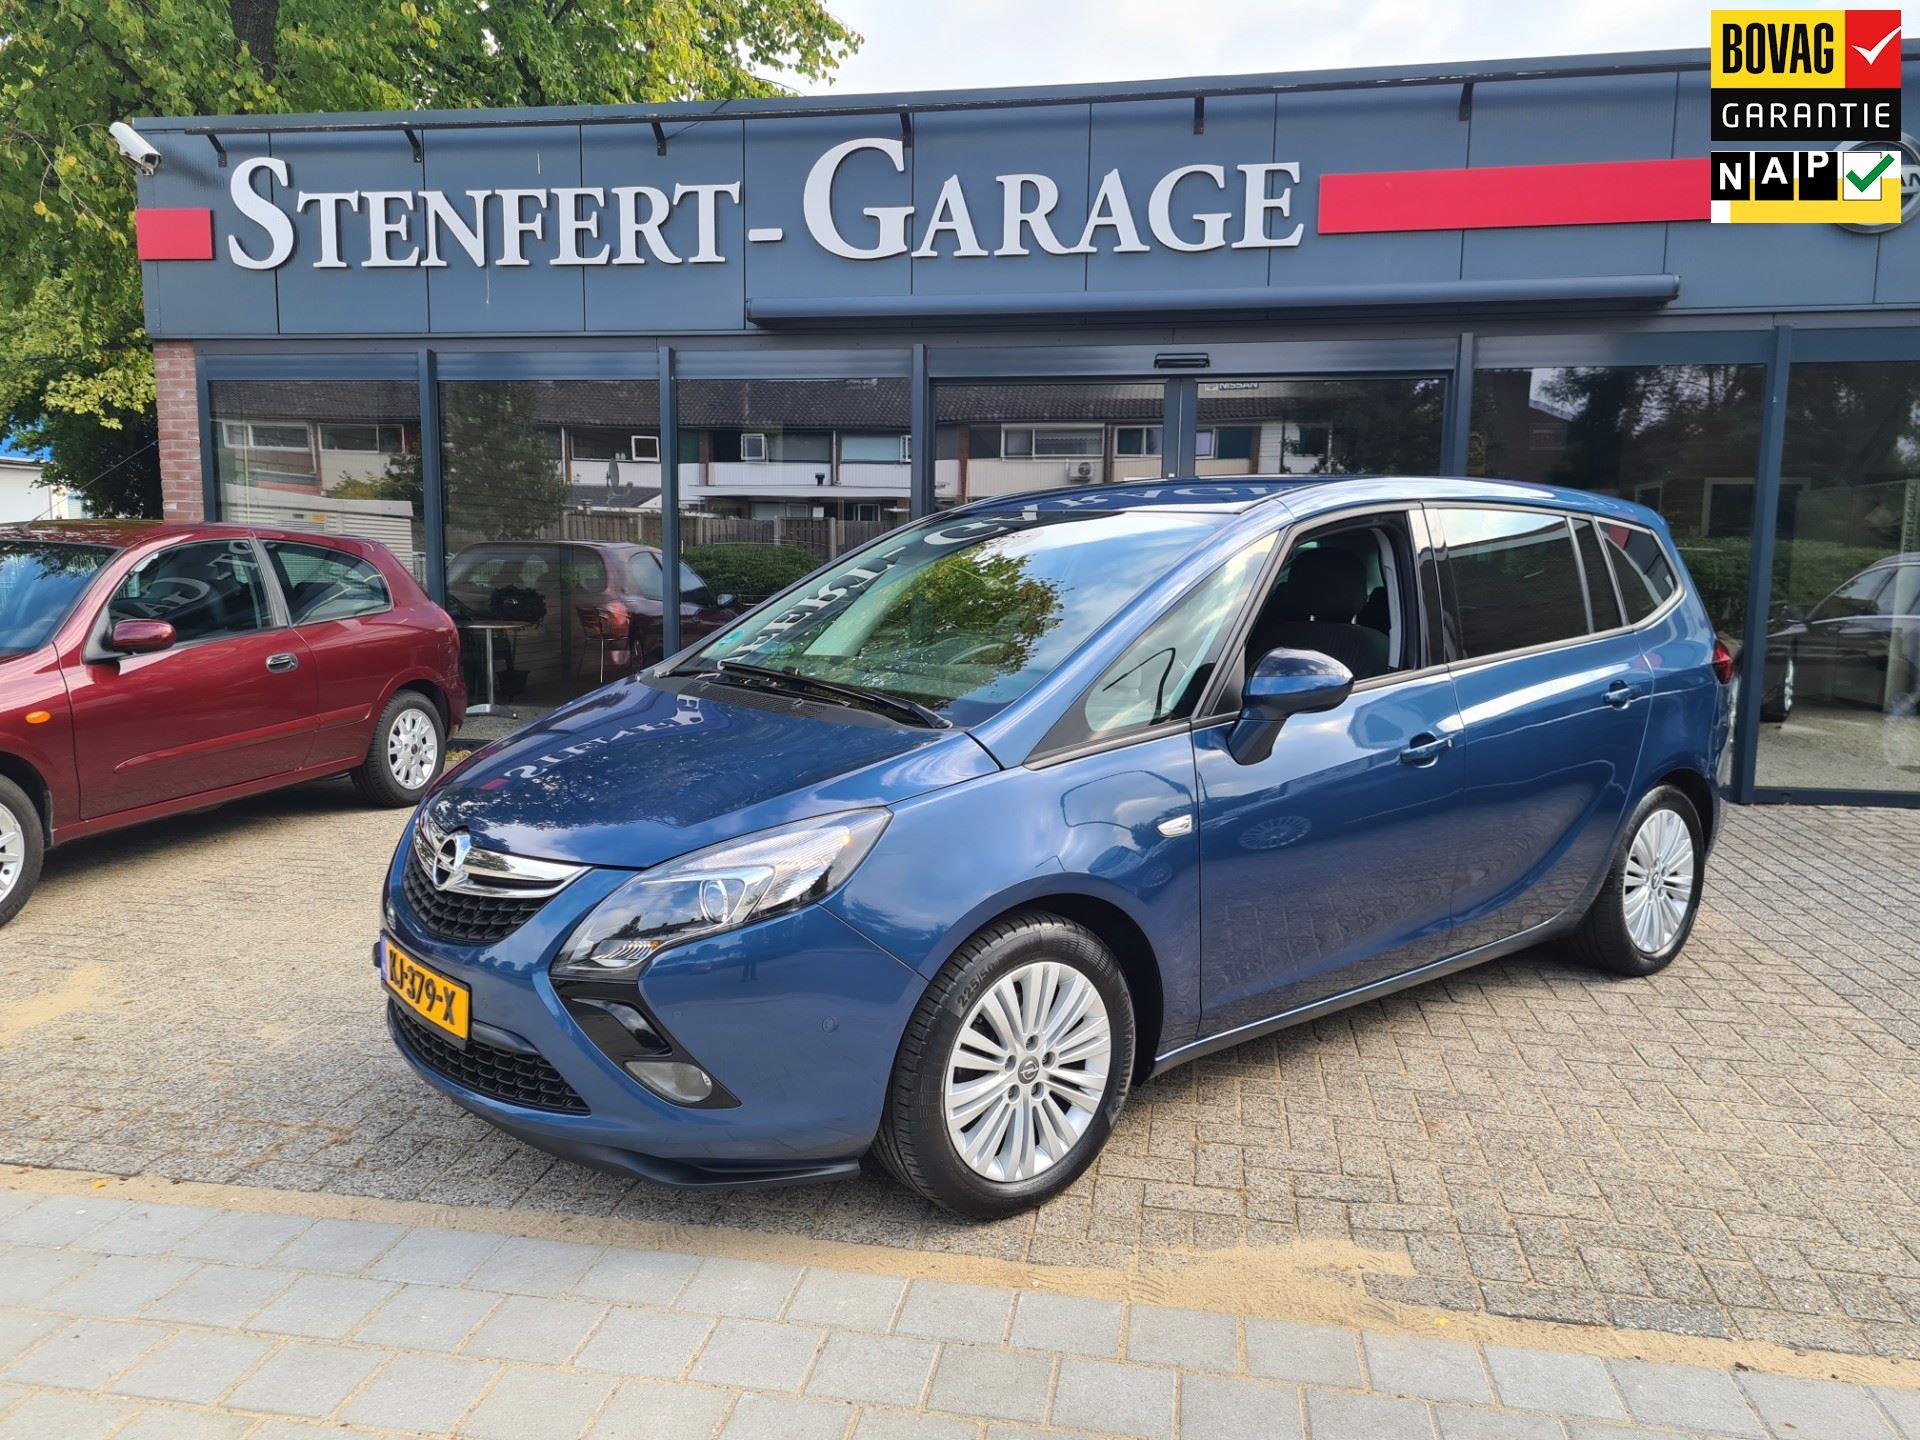 Opel Zafira Tourer occasion - Stenfert-Garage